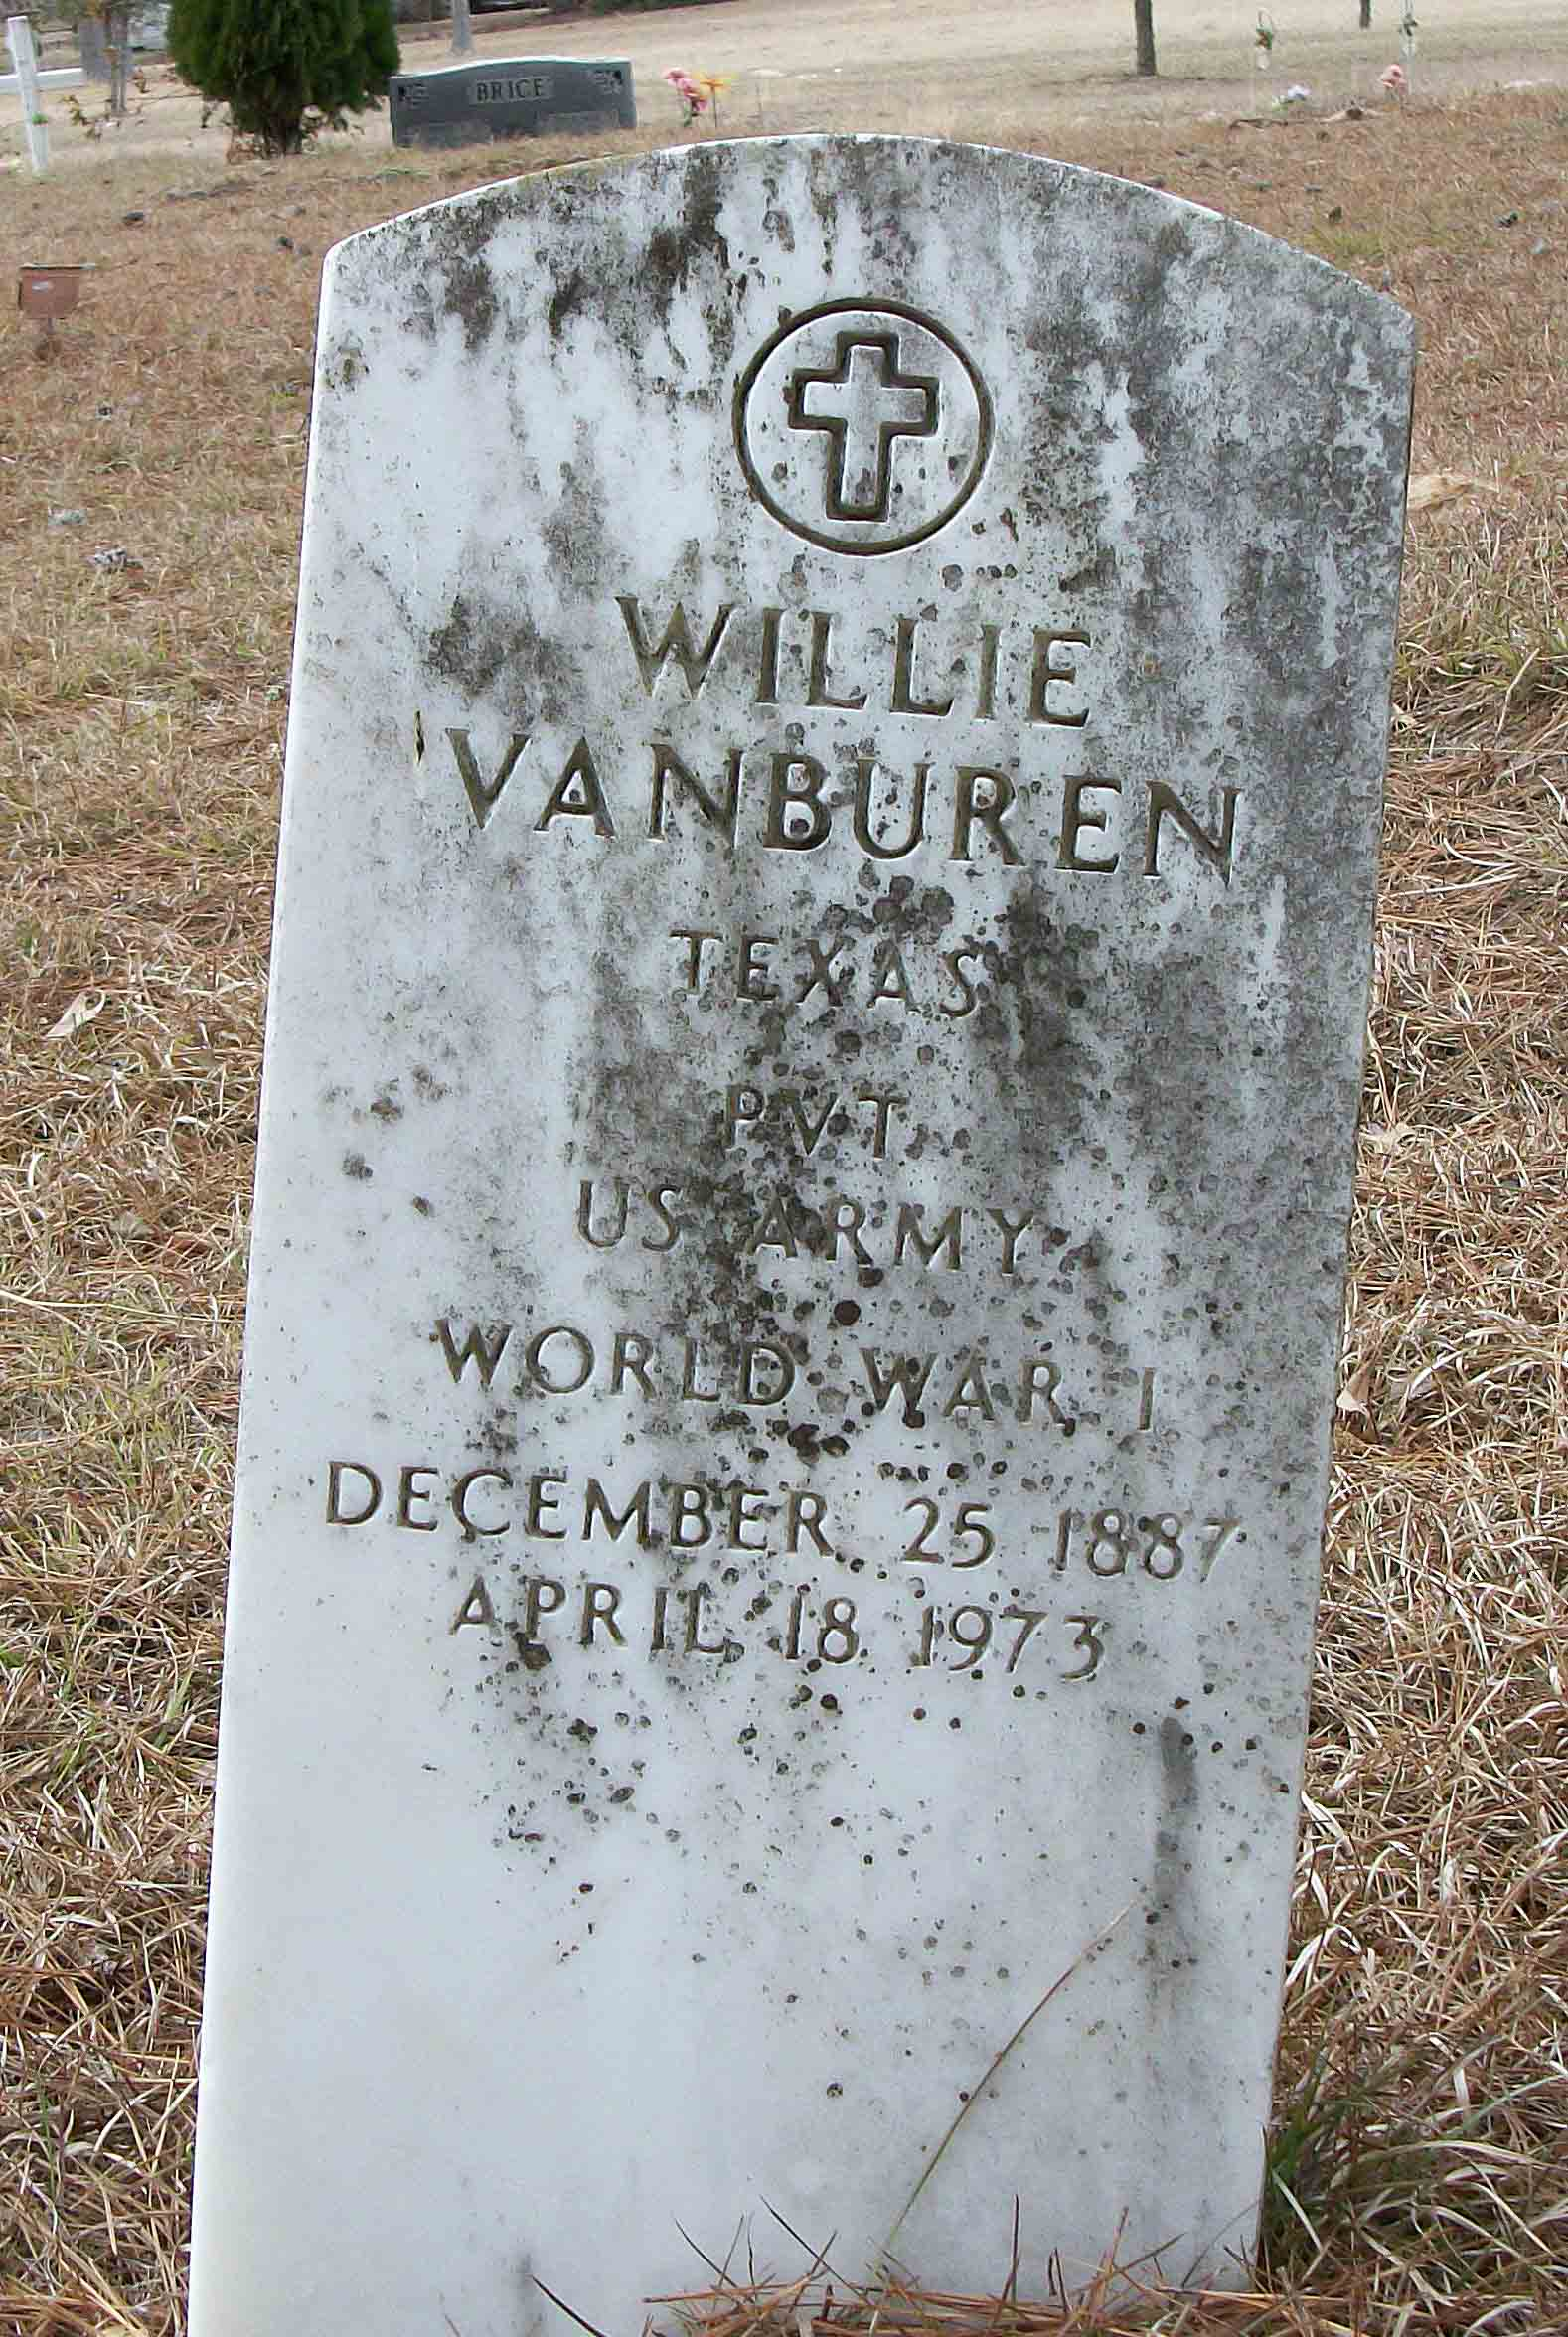 Willie Van Buren